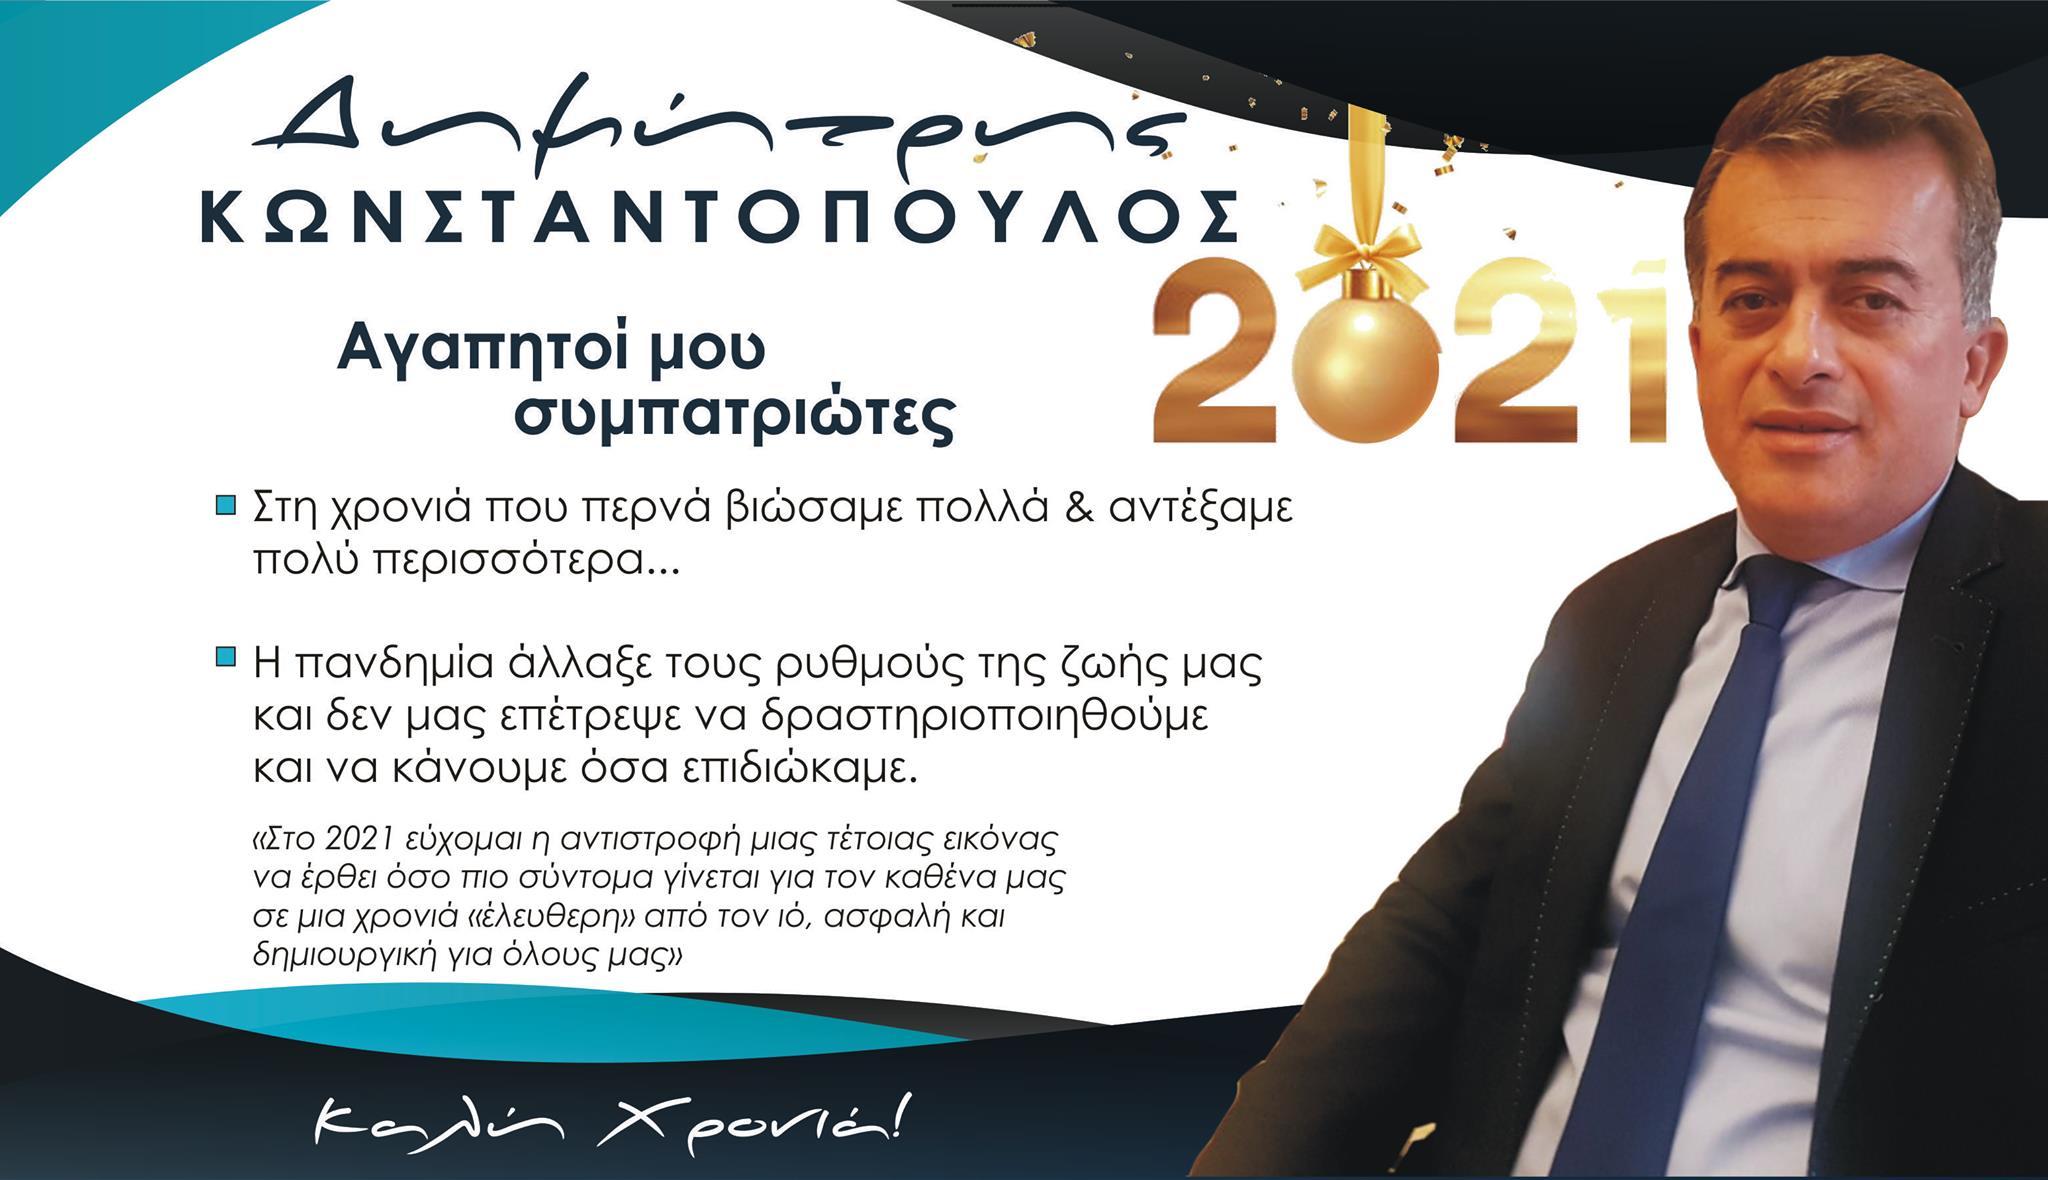 Ευχές για τη νέα χρονιά από τον Δημήτρη Κωνσταντόπουλο